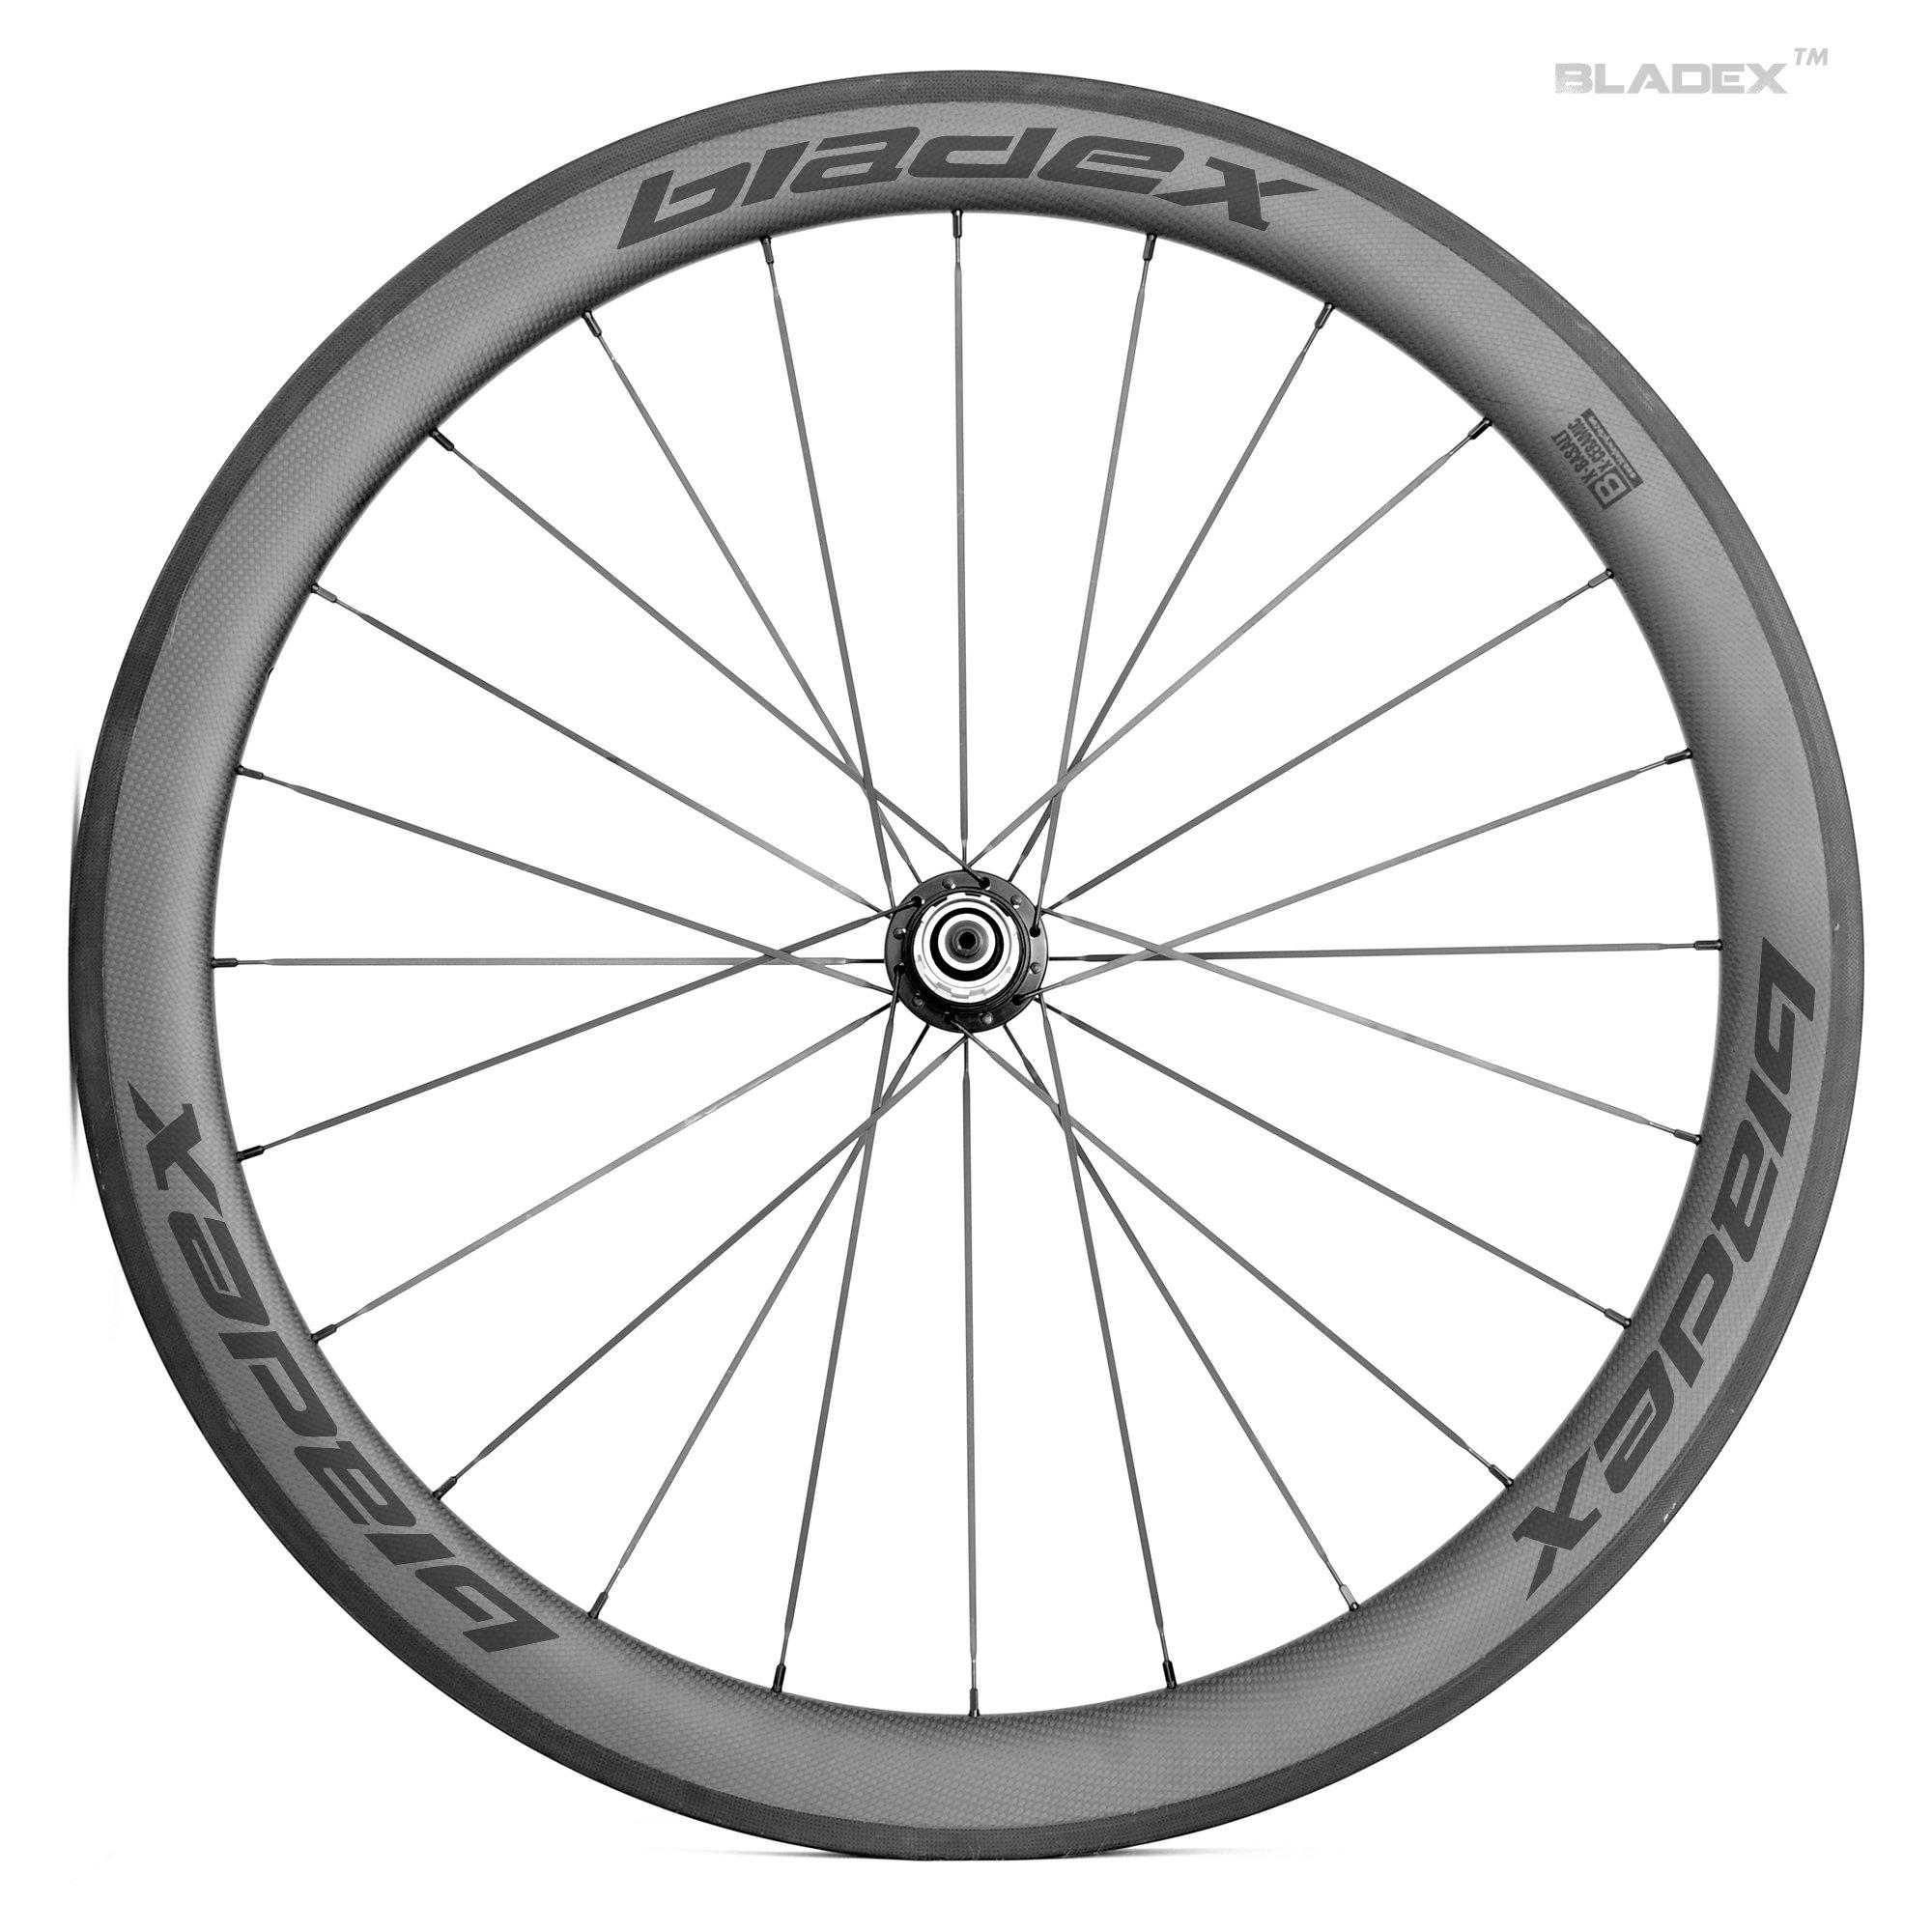 Pro carbon road bike 50mm wheelset basalt braking surface for Bicycle rims